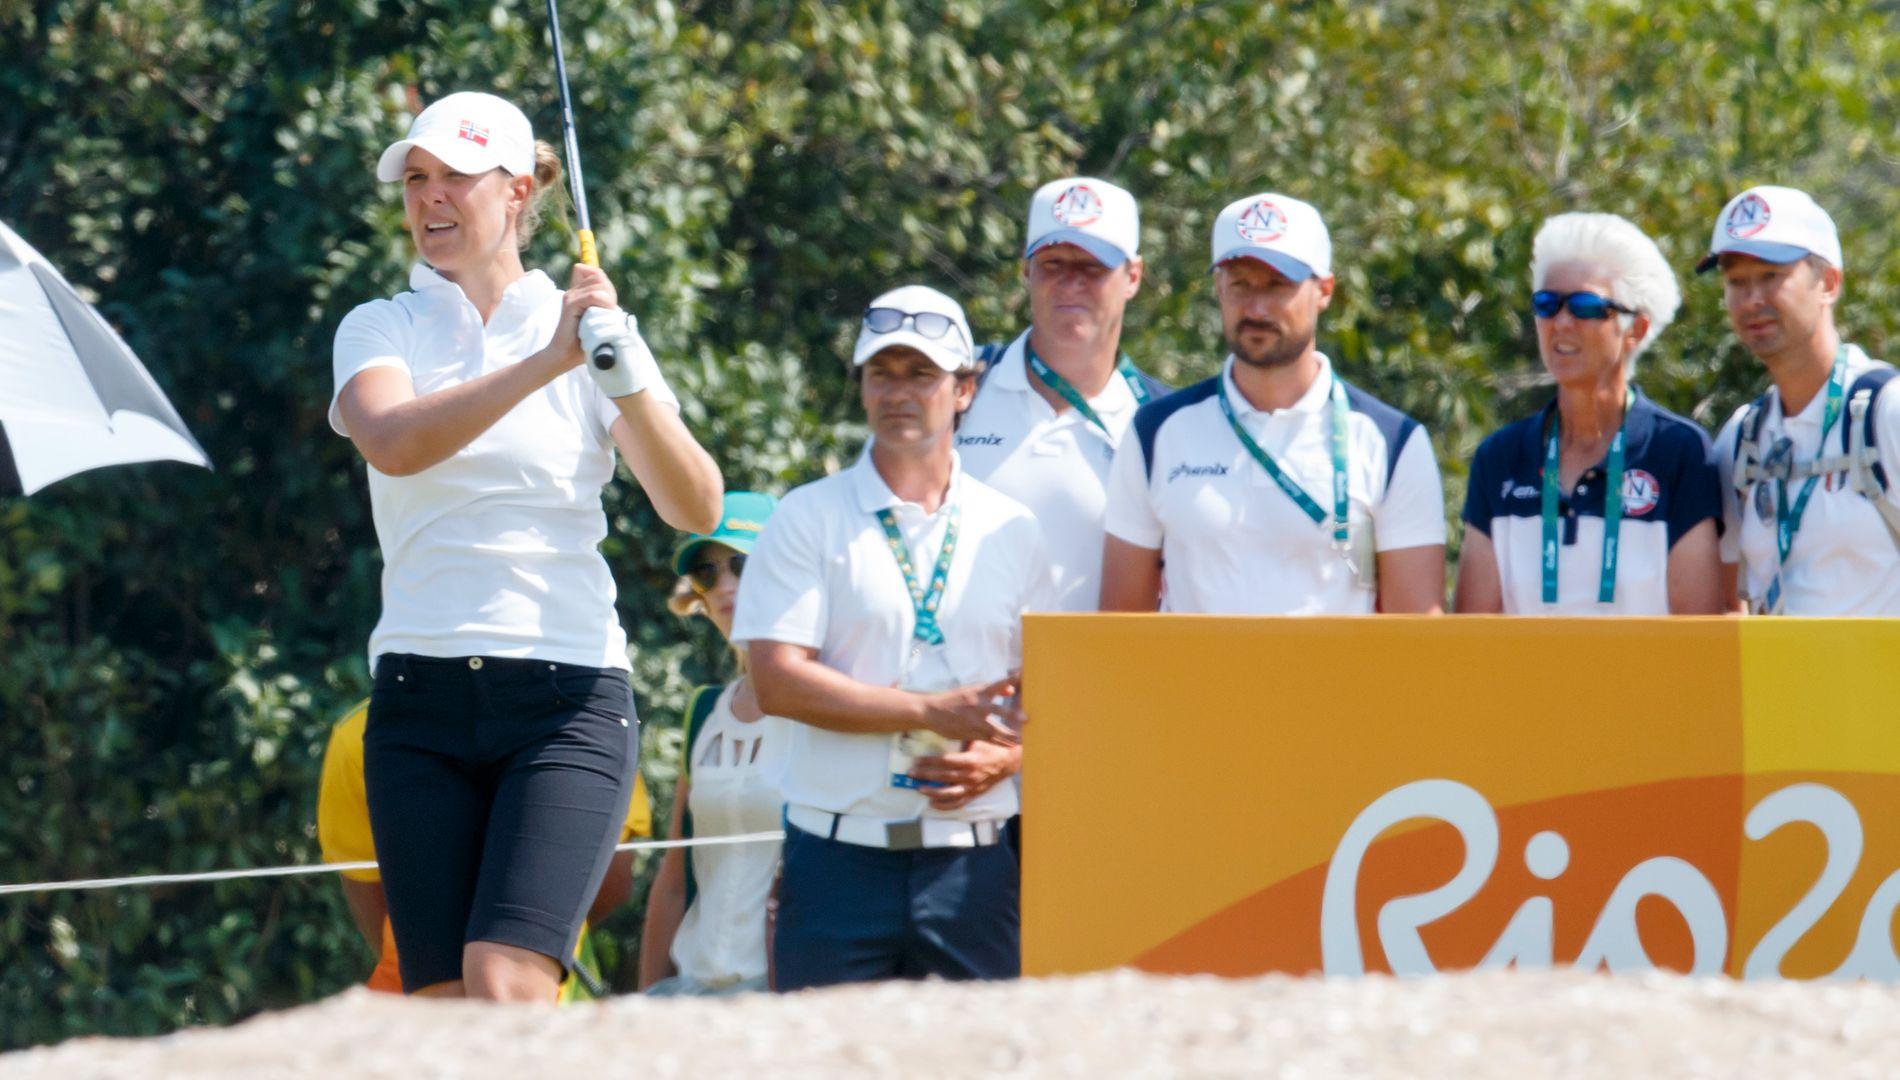 KONGELIG STØTTE: Kronprins Haakon (nummer tre fra venstre) følger utslaget til Marianne Skarpnord under kvinnenes tredje runde i Rio.